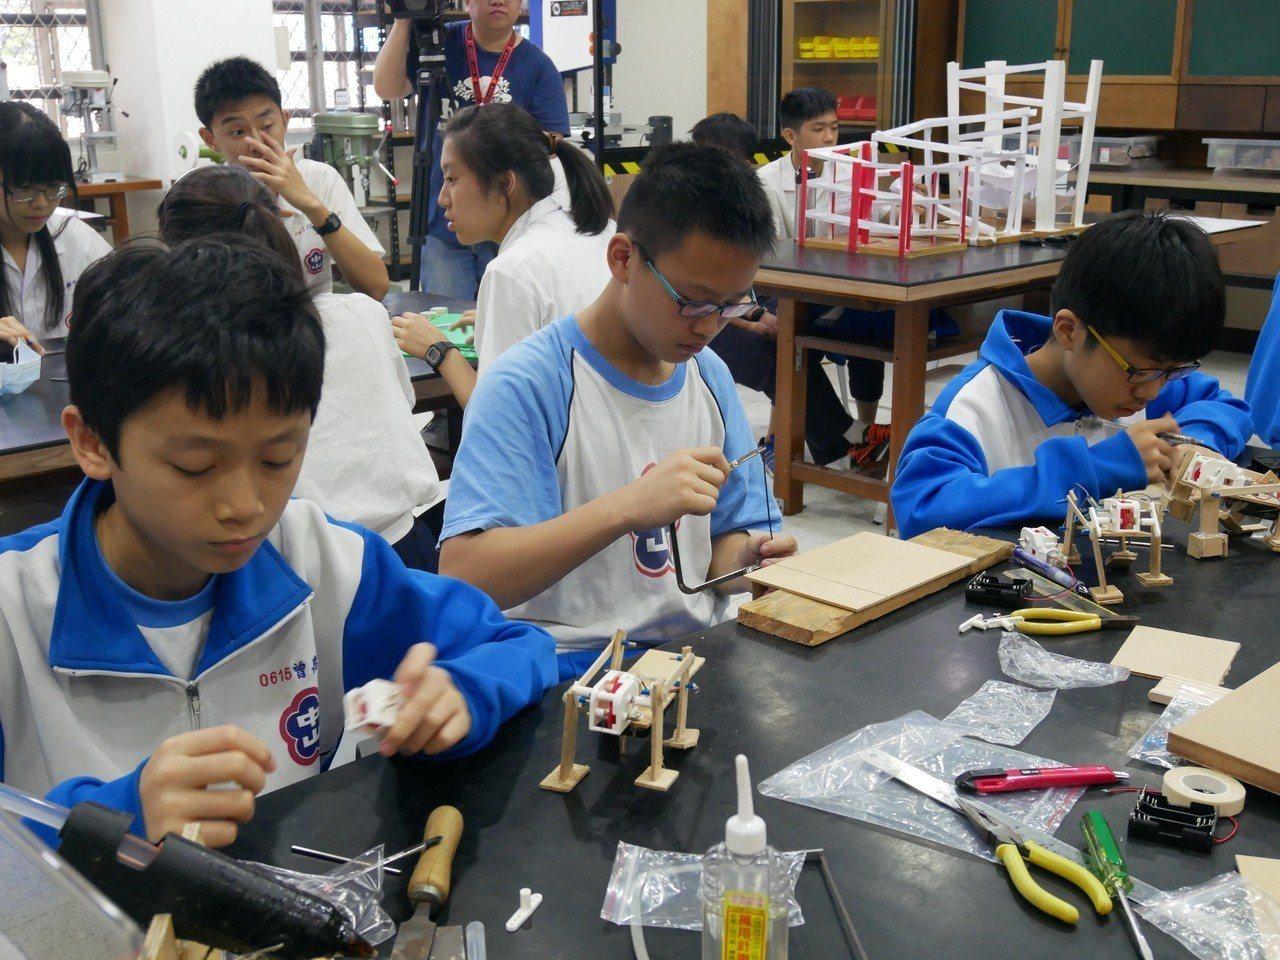 新北市教育局中等教育科長何茂田表示,學校發展須清楚定位,重視技術、人才和師資。 ...